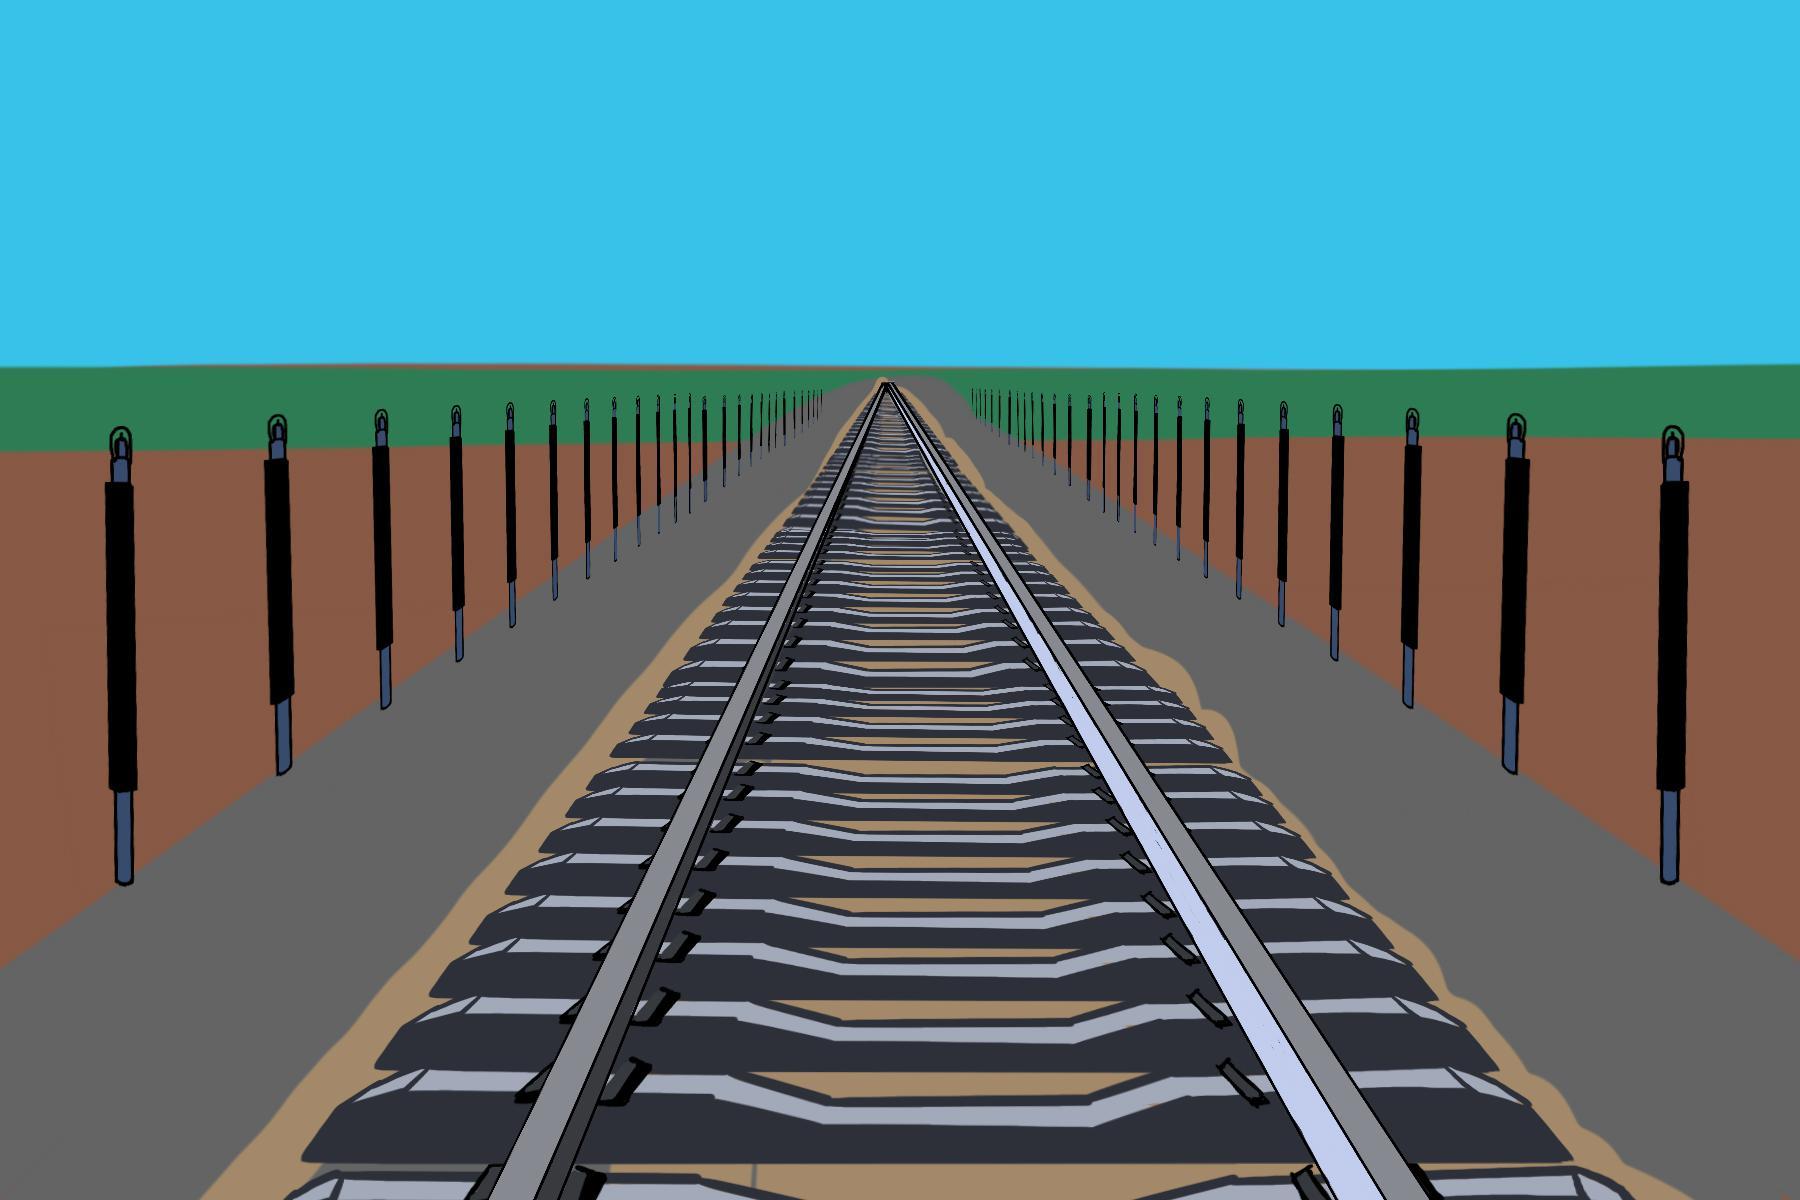 為什麼青藏鐵路兩邊有熱棒?